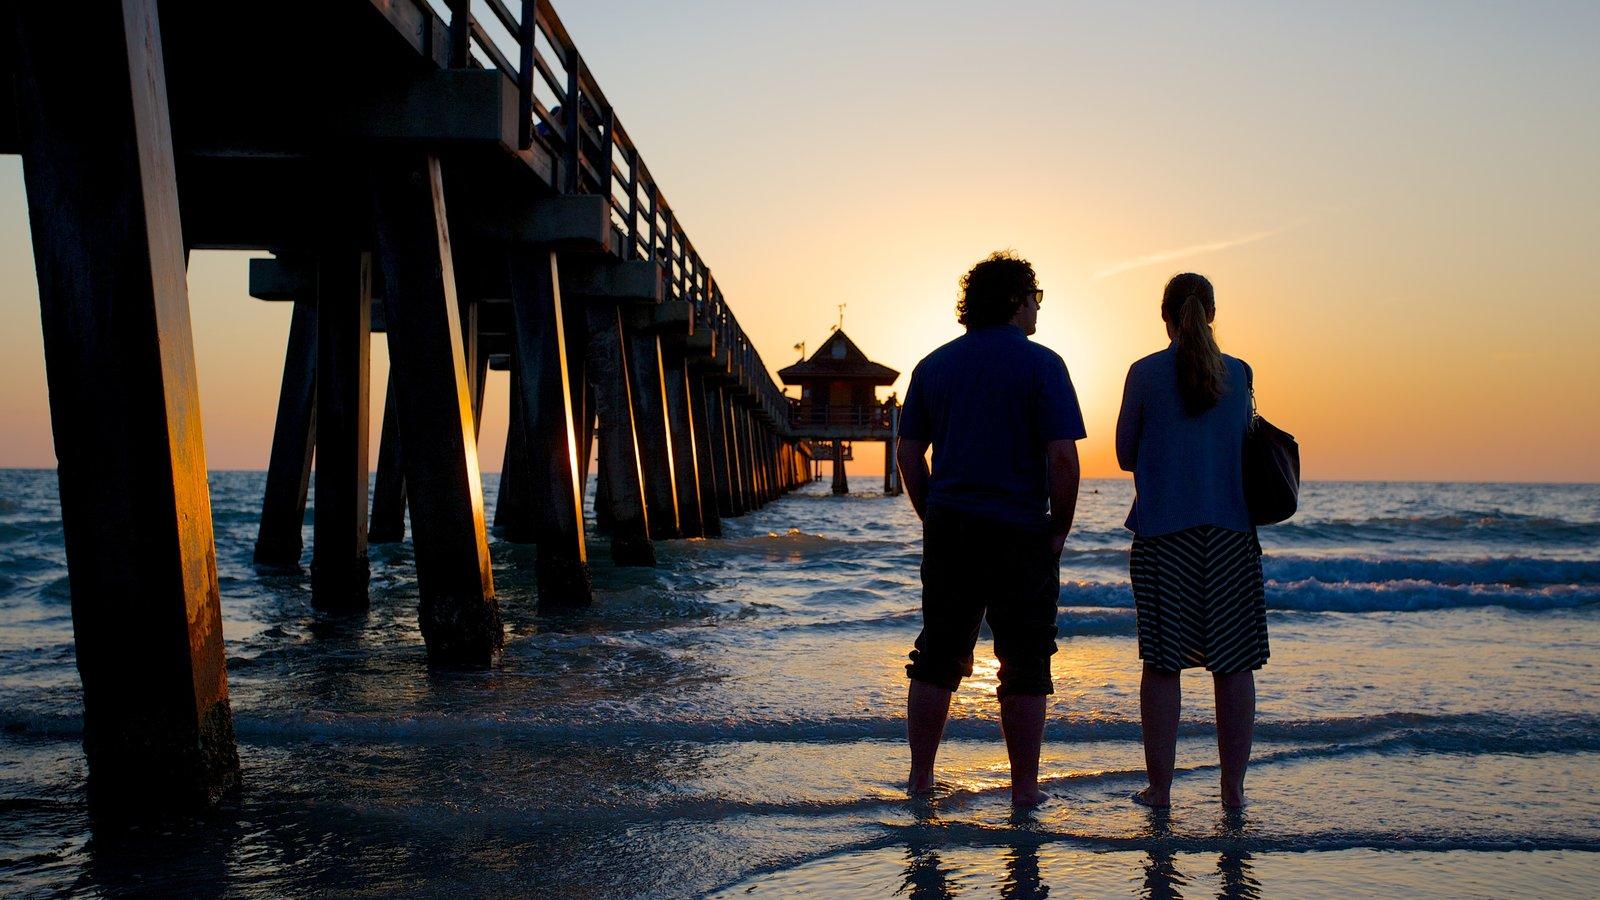 Naples Pier caracterizando uma praia de areia, um pôr do sol e paisagens